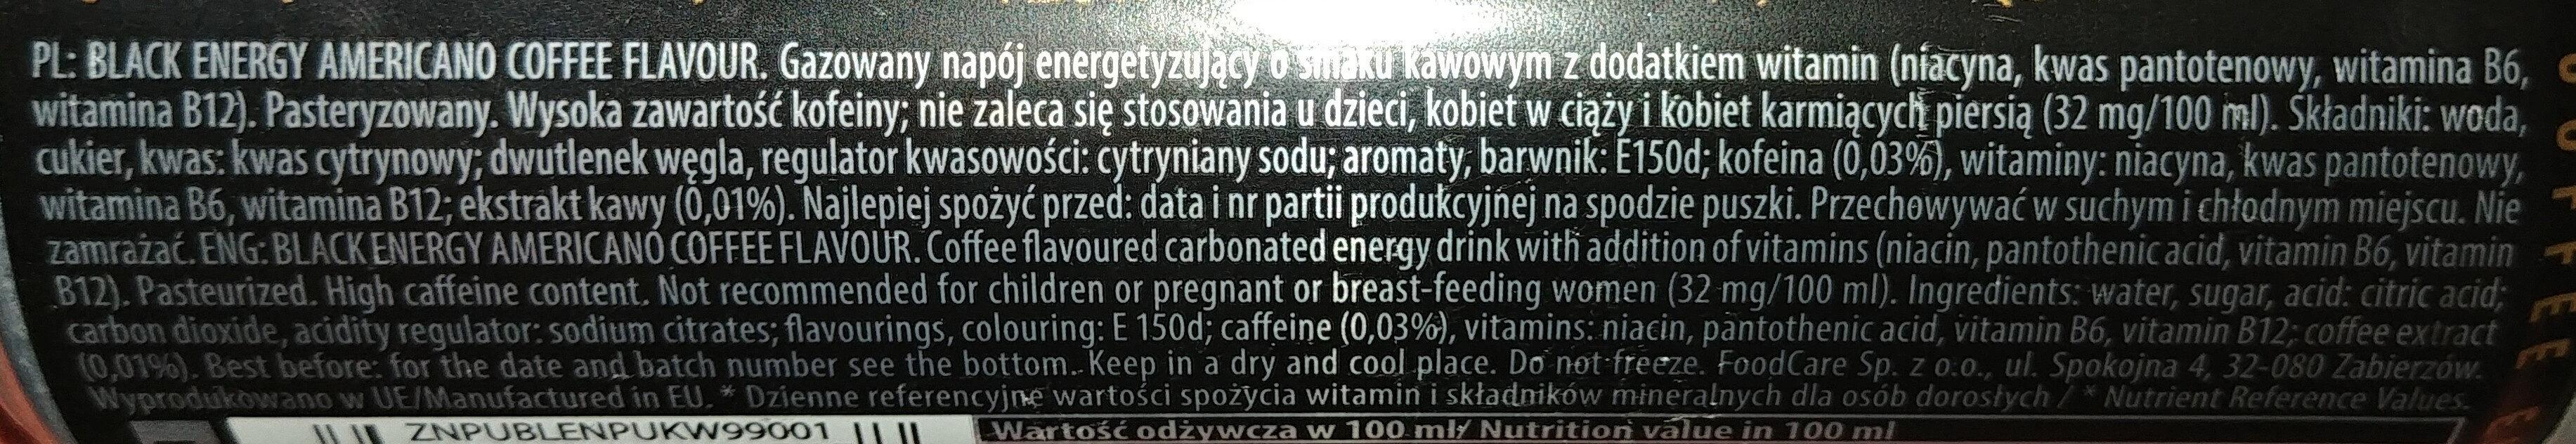 Gazowany napój energetyzujący o smaku kawowym z witaminami - Składniki - pl